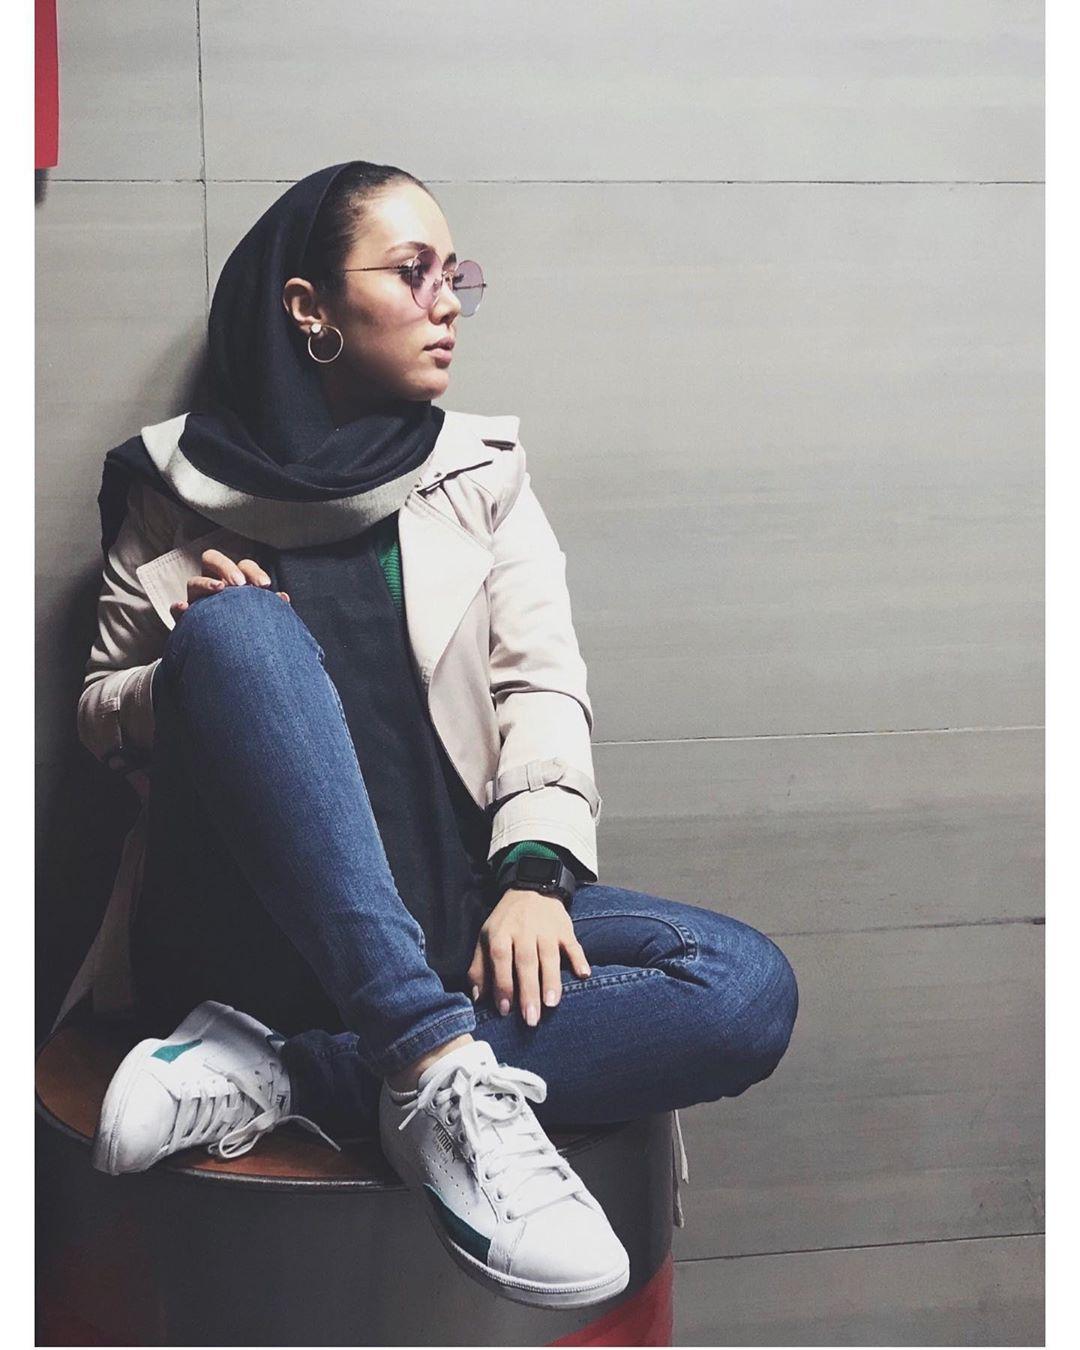 بیوگرافی شادی مختاری بازیگر +عکسهای اینستاگرام